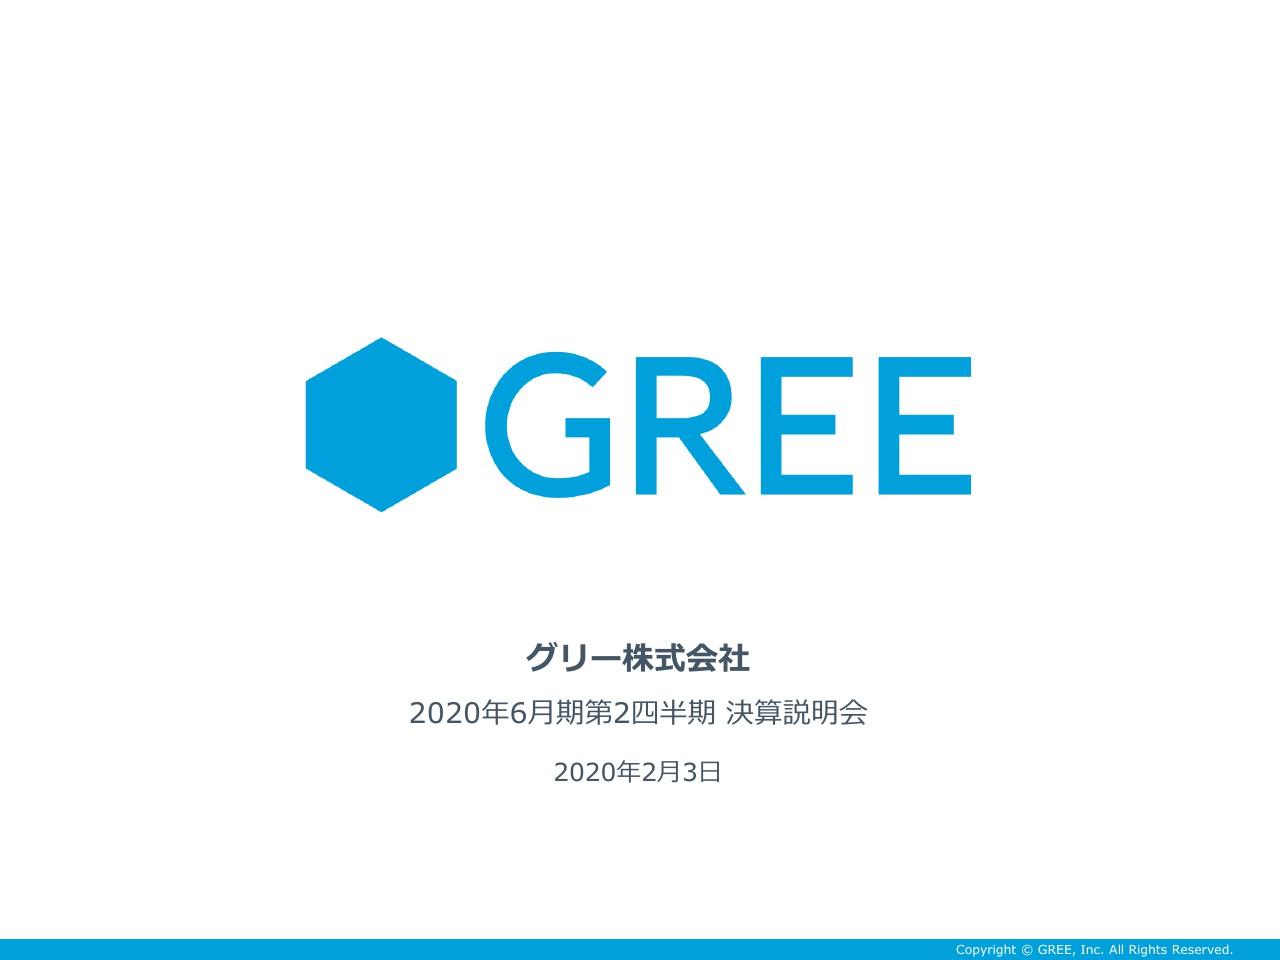 グリー、2Qは投資有価証券の売却益で増益 広告宣伝費やロイヤリティの増加で営業益は減少